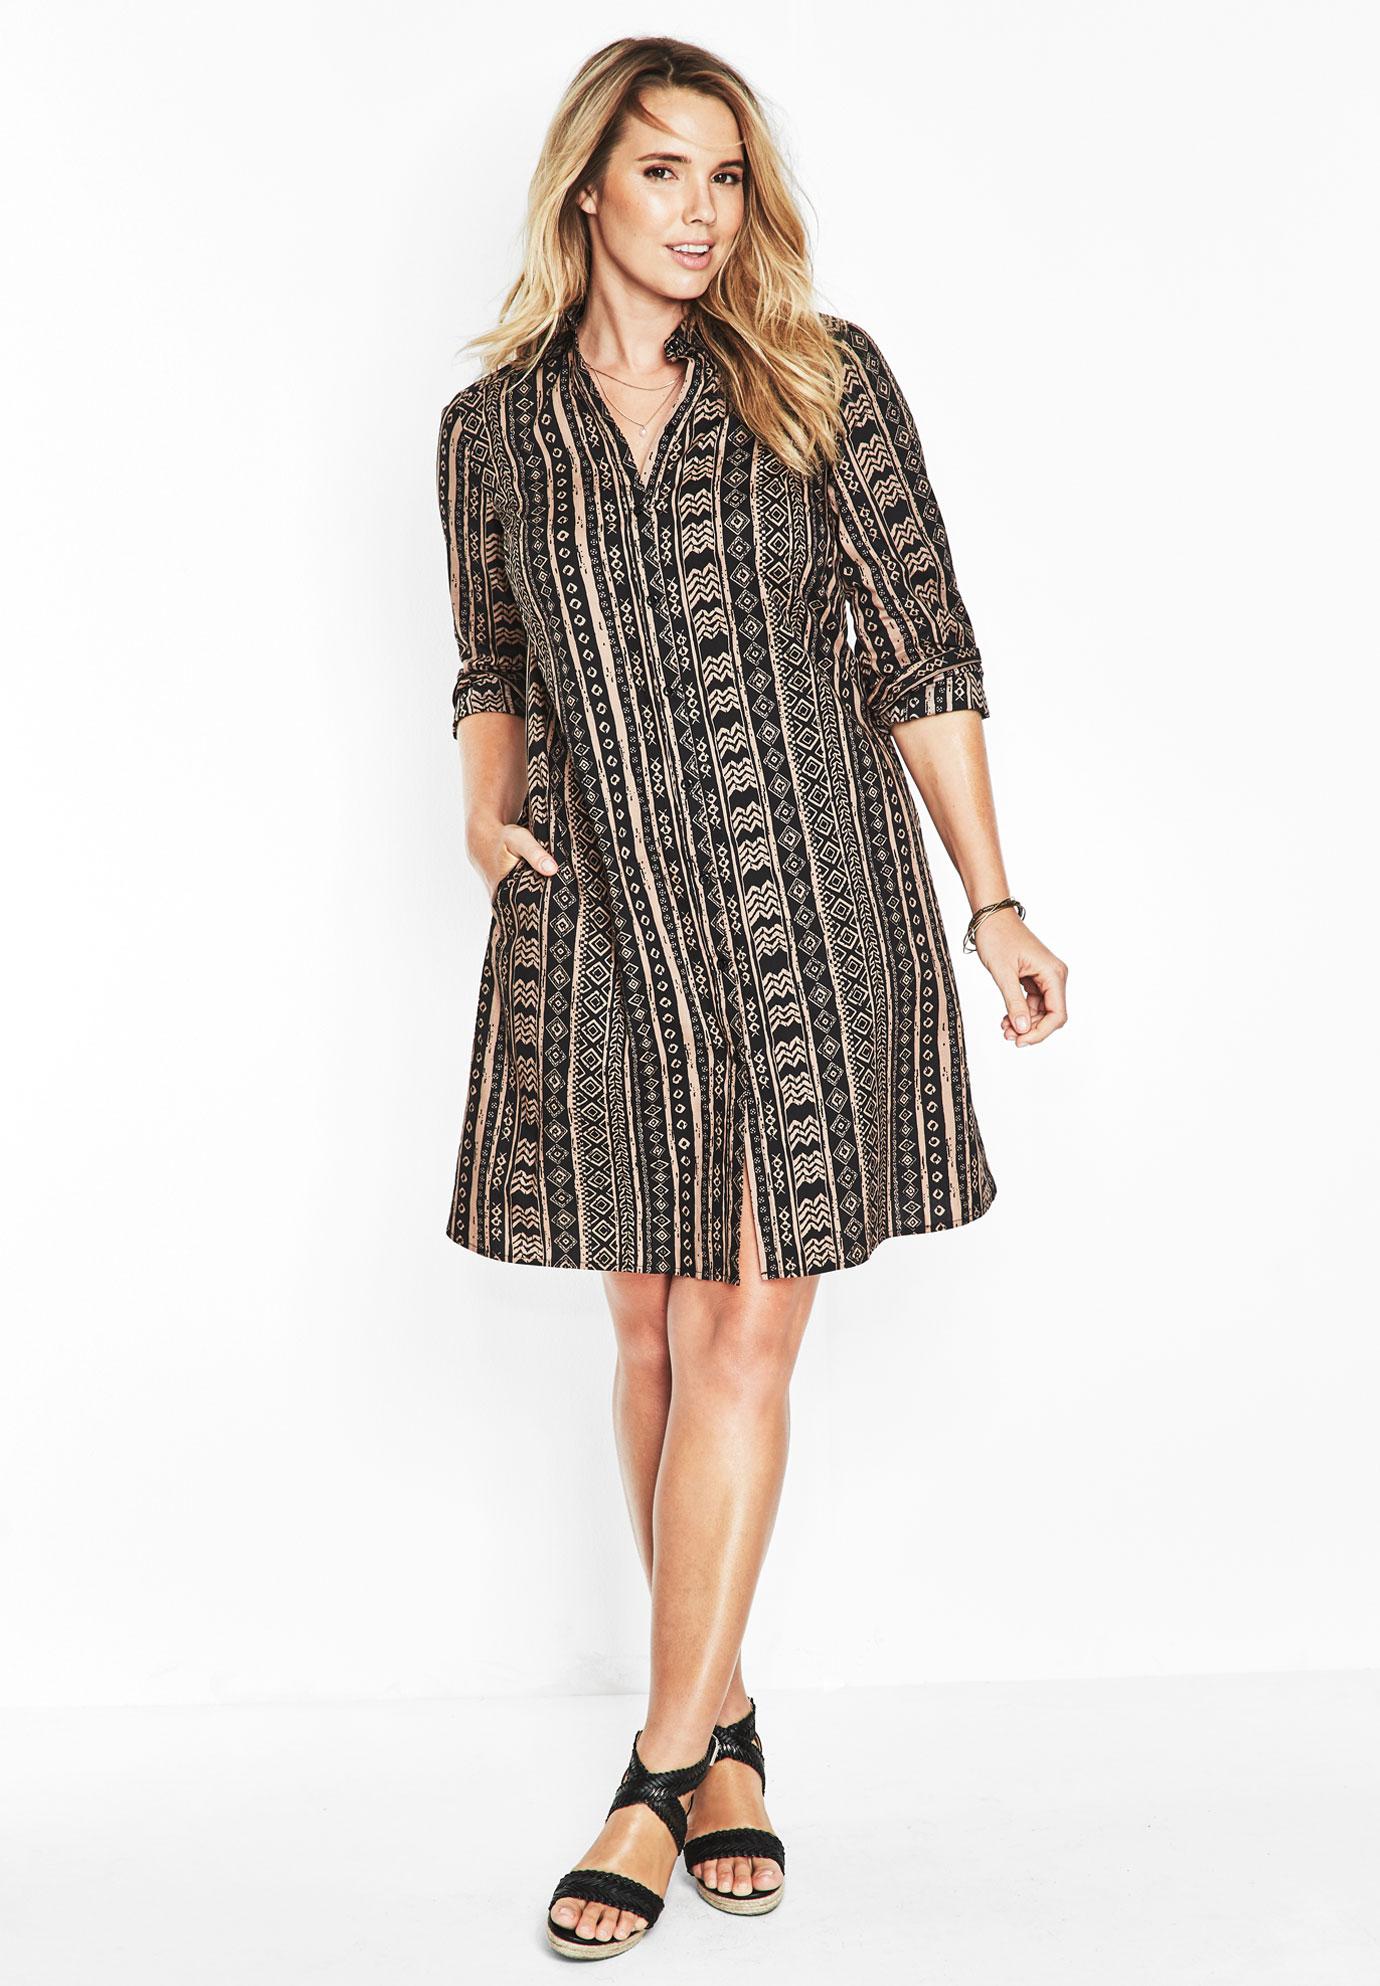 Kate Dress Plus Size Dresses Roamans